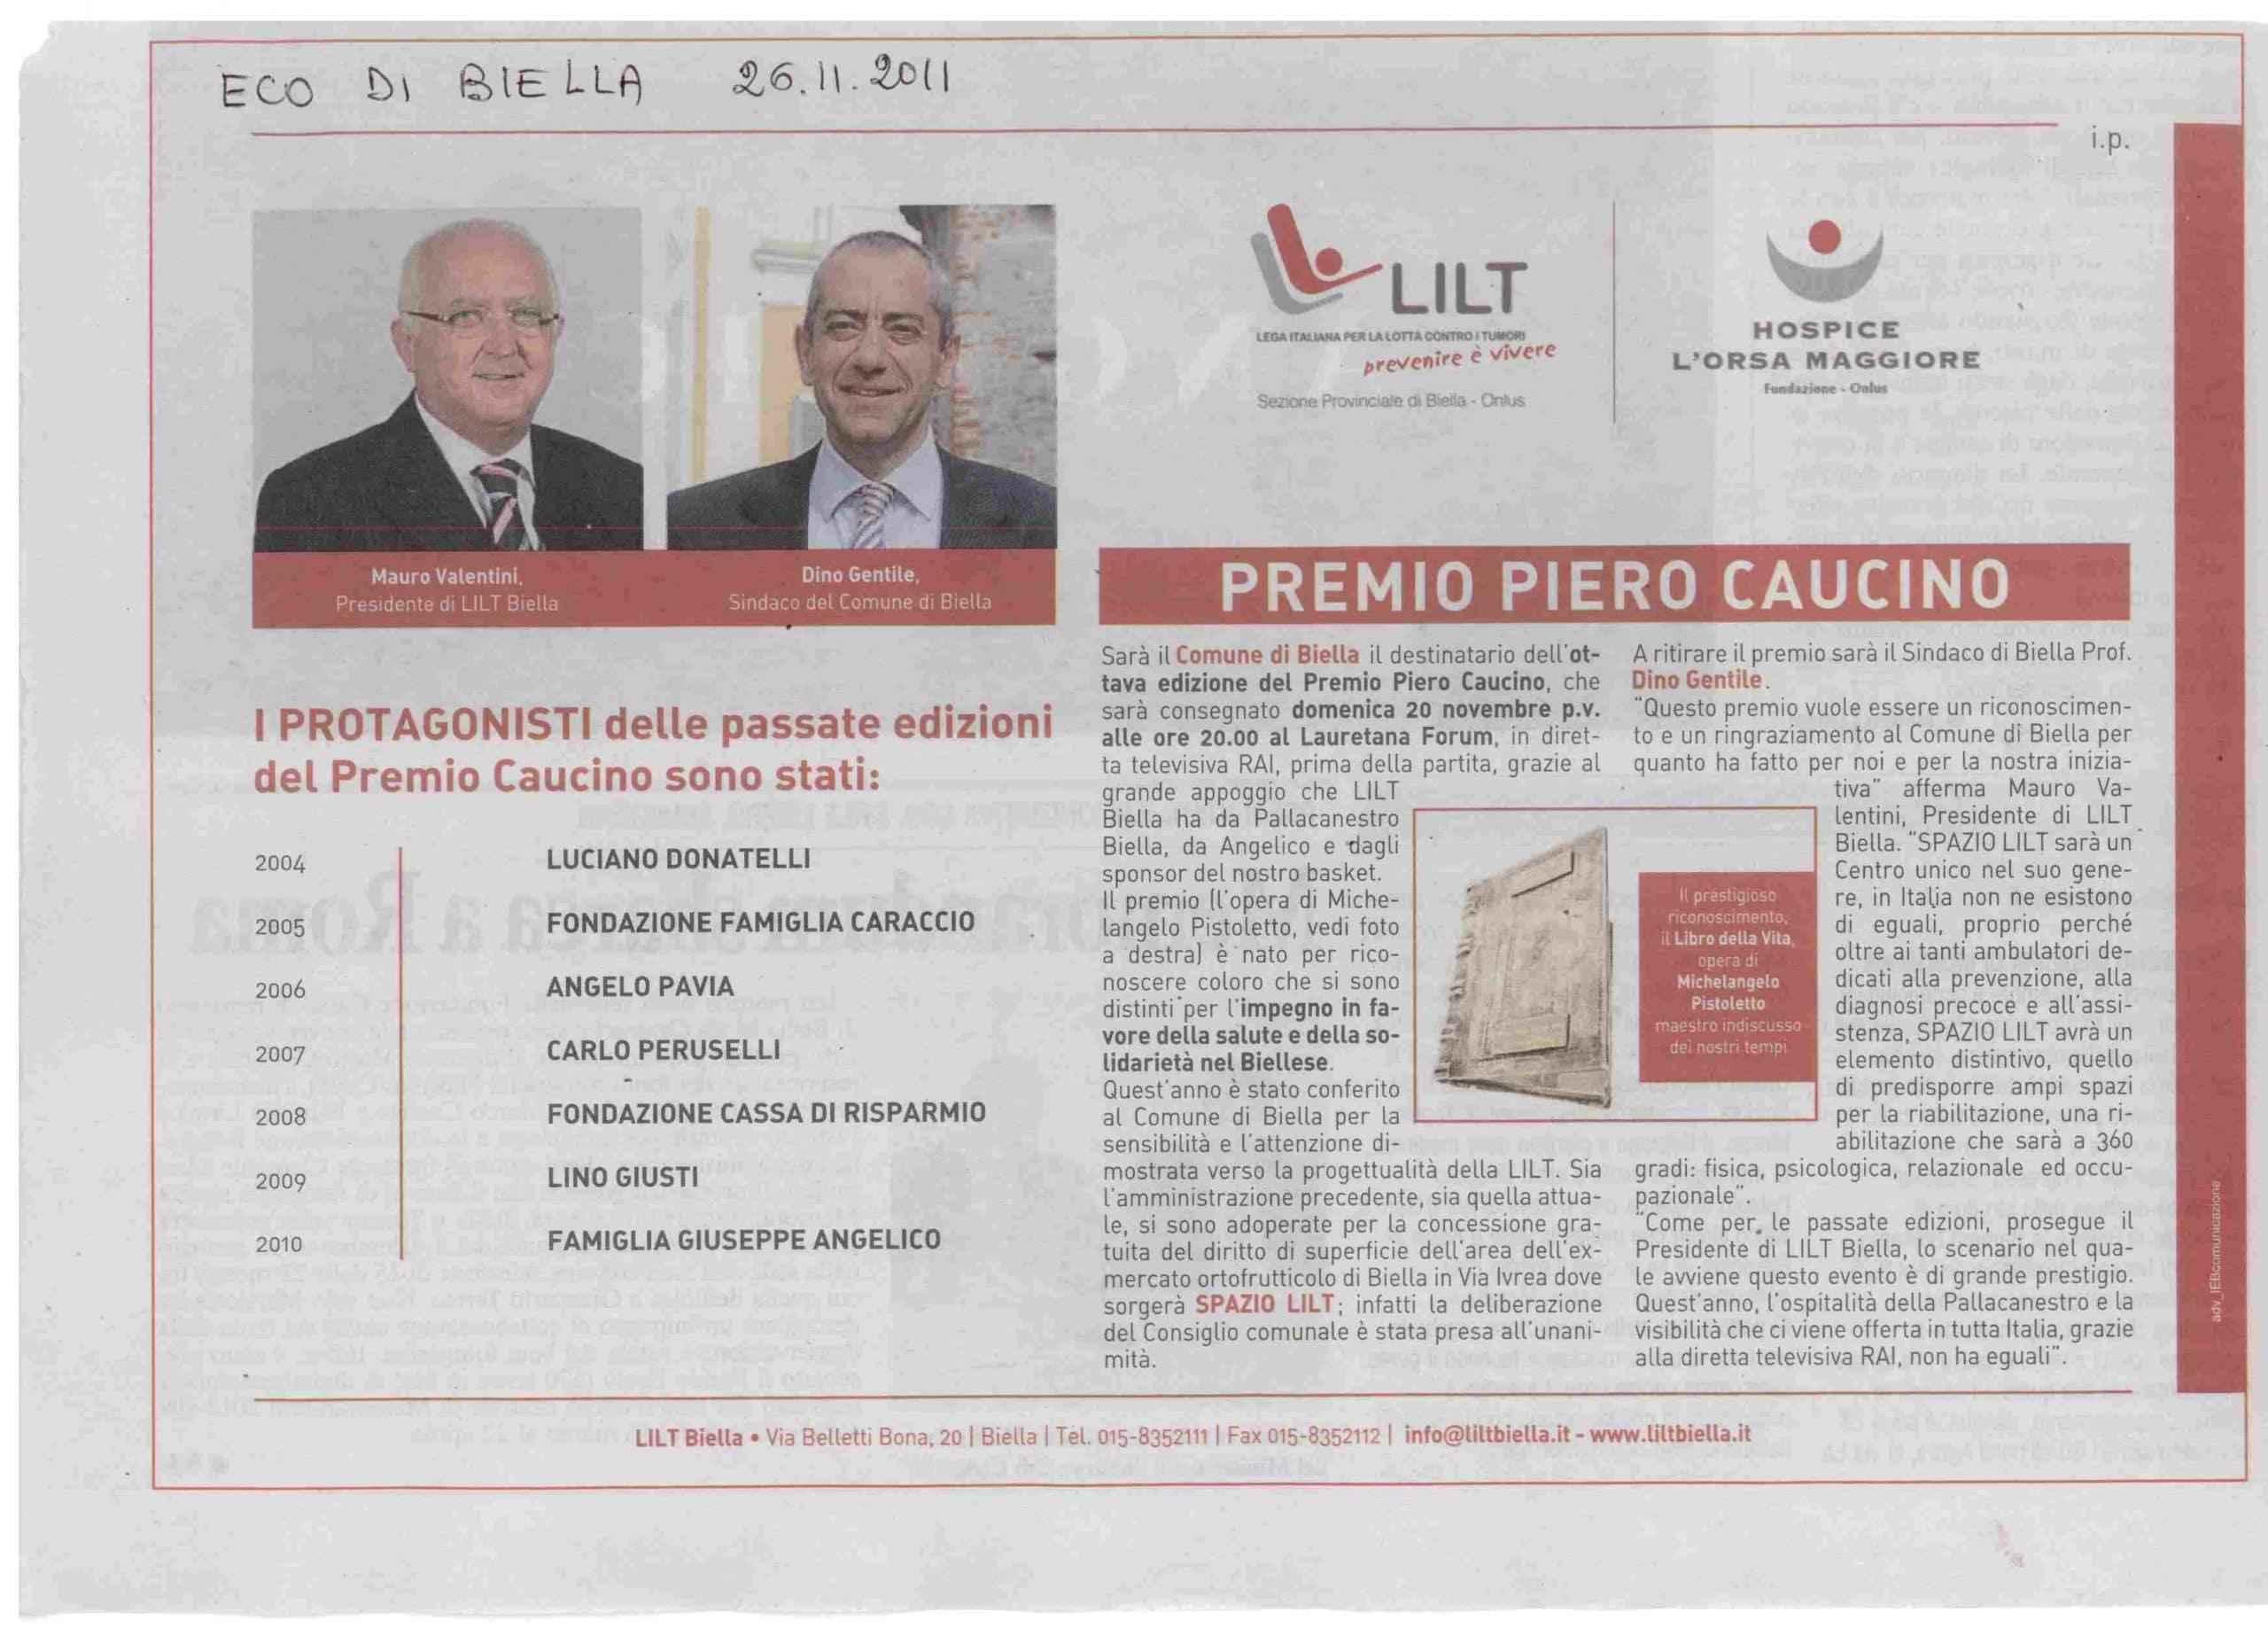 PREMIO PIERO CAUCINO